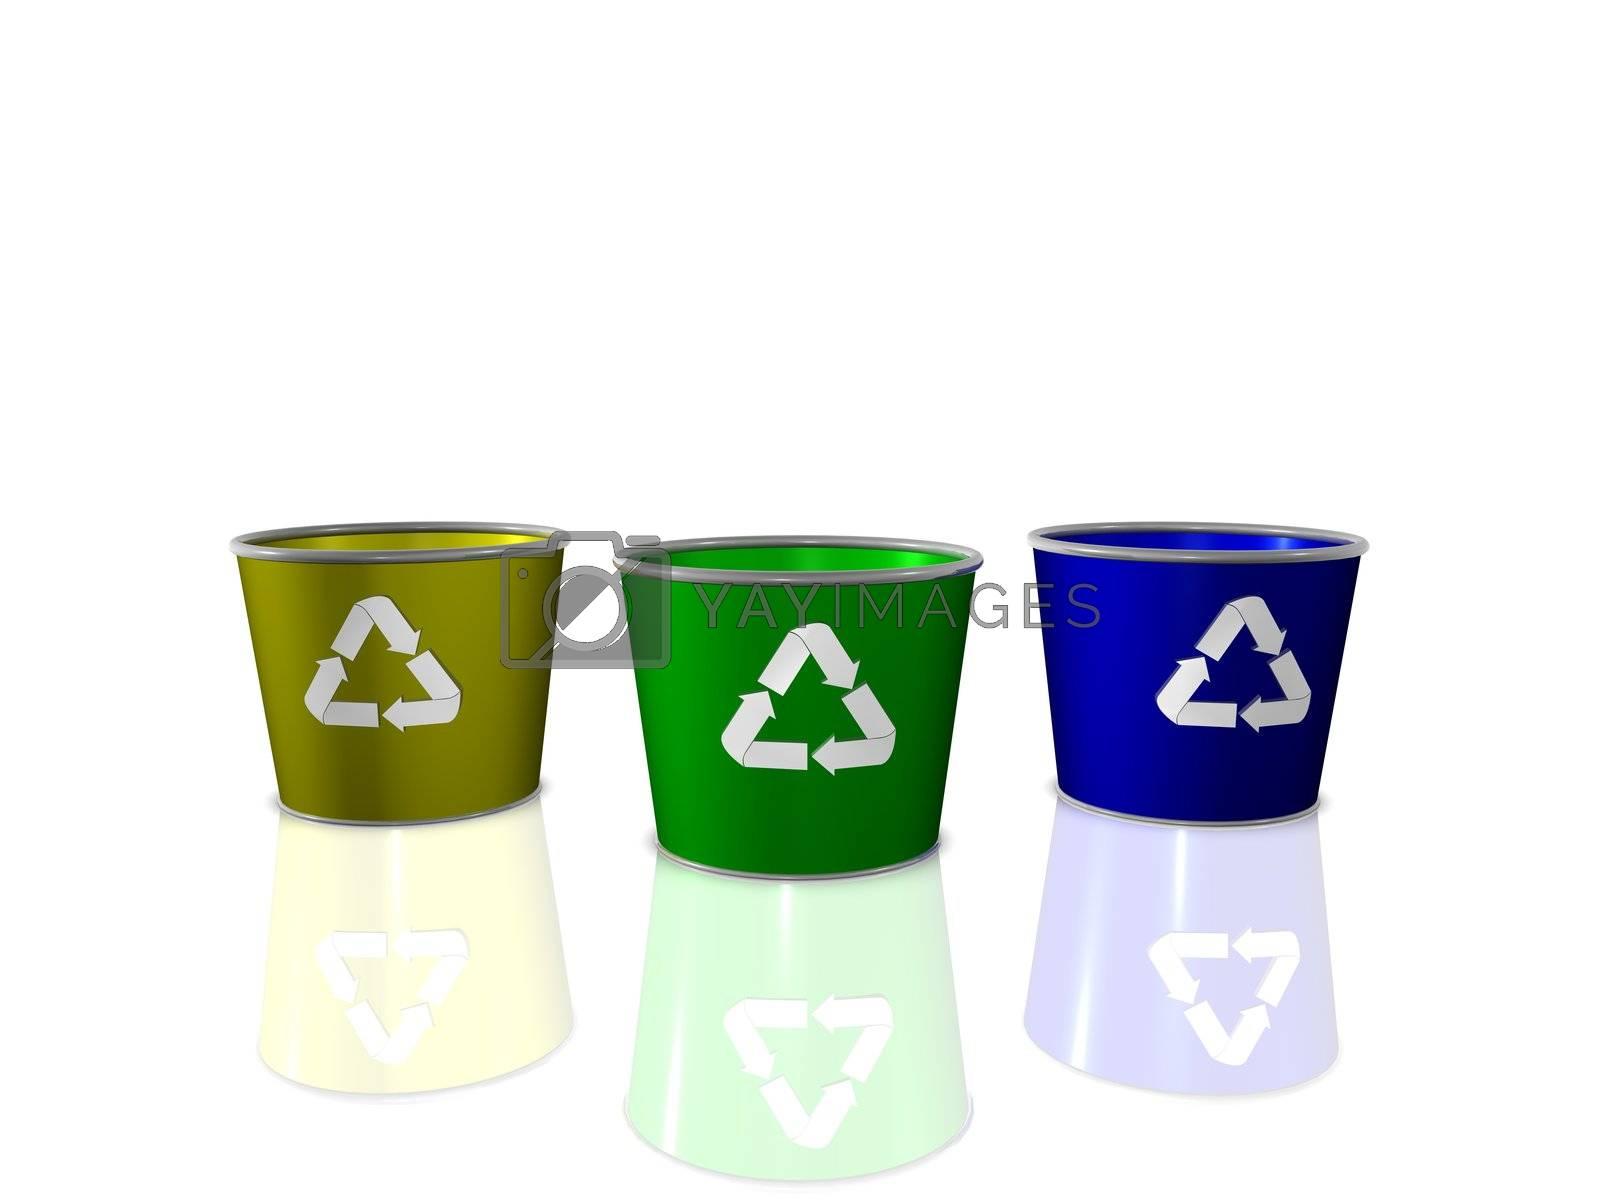 Recycle bins 3D Render.